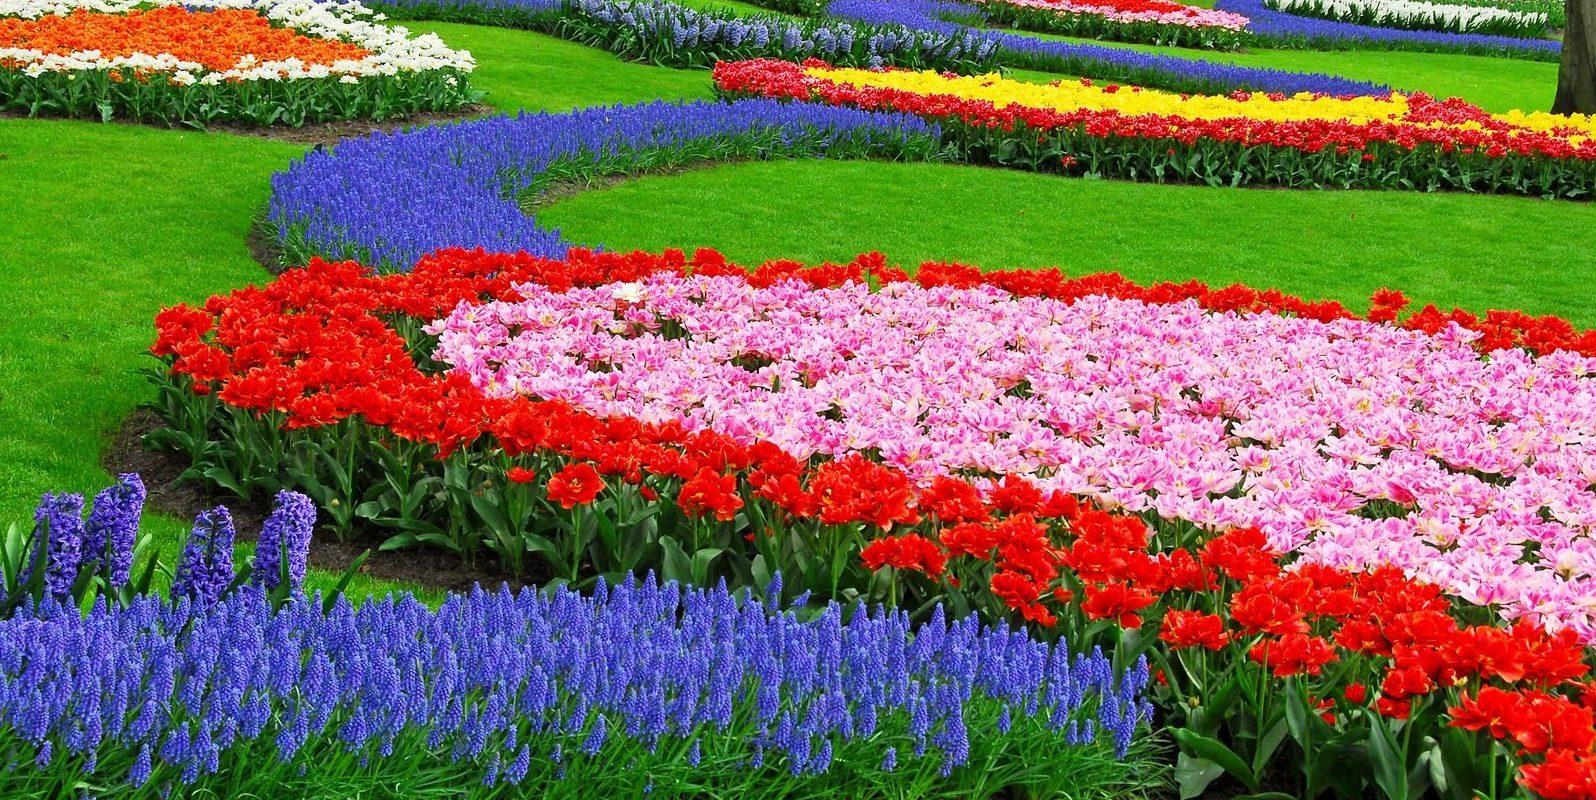 wisata Taman Bunga Cihideung